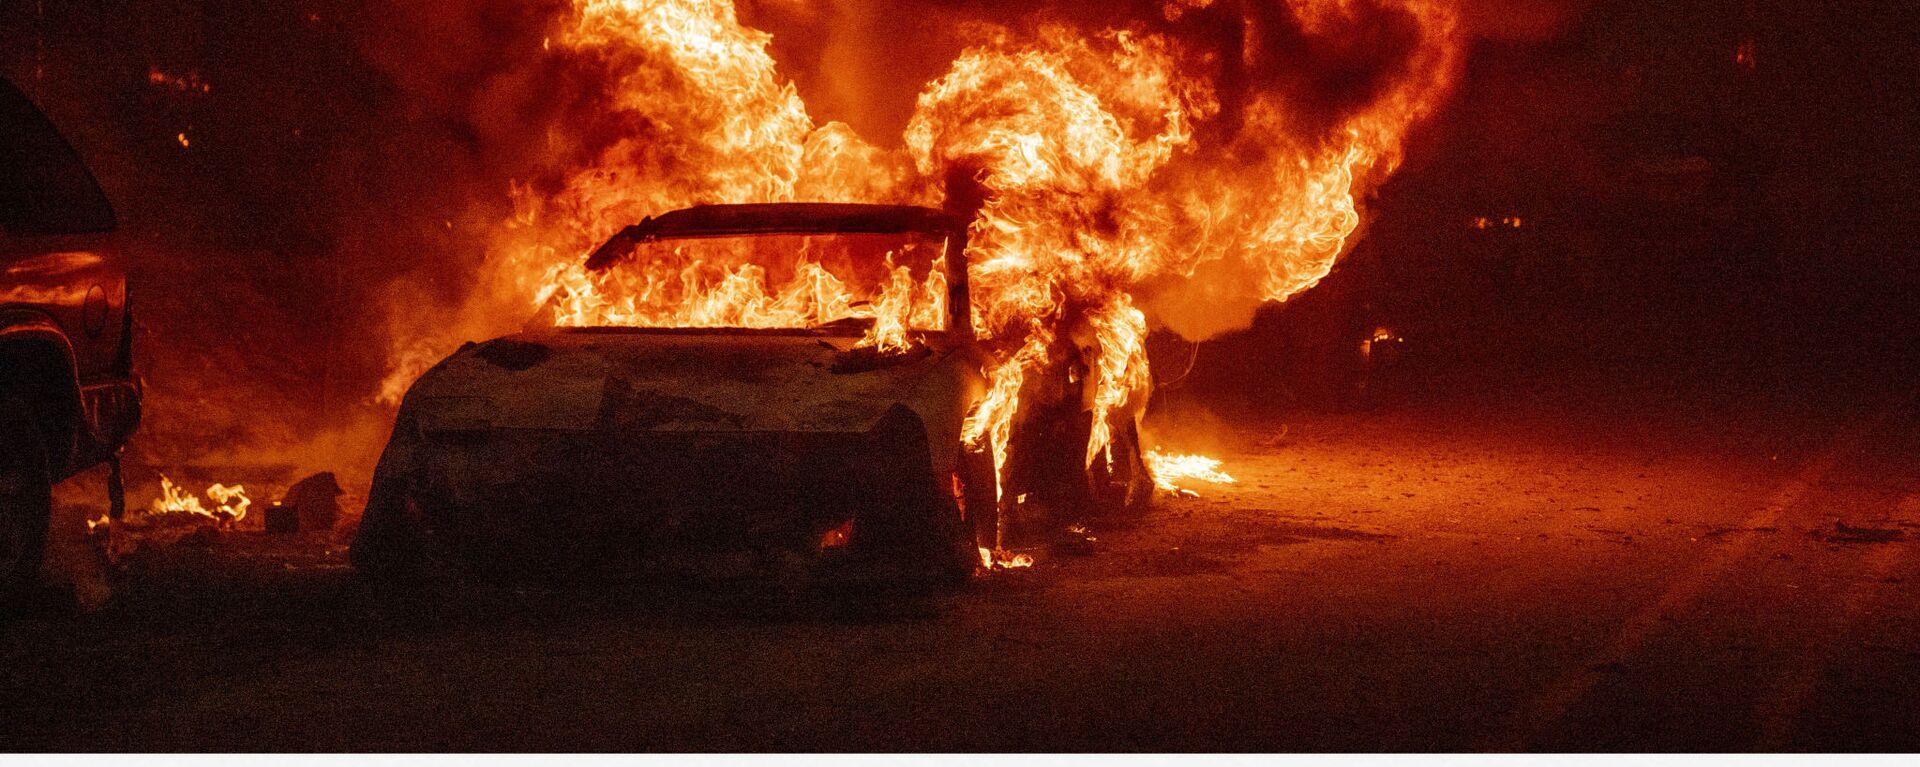 Взрыв автомобиля во время пожара Дикси в районе Индиан-Фолс, США - Sputnik Mundo, 1920, 09.08.2021